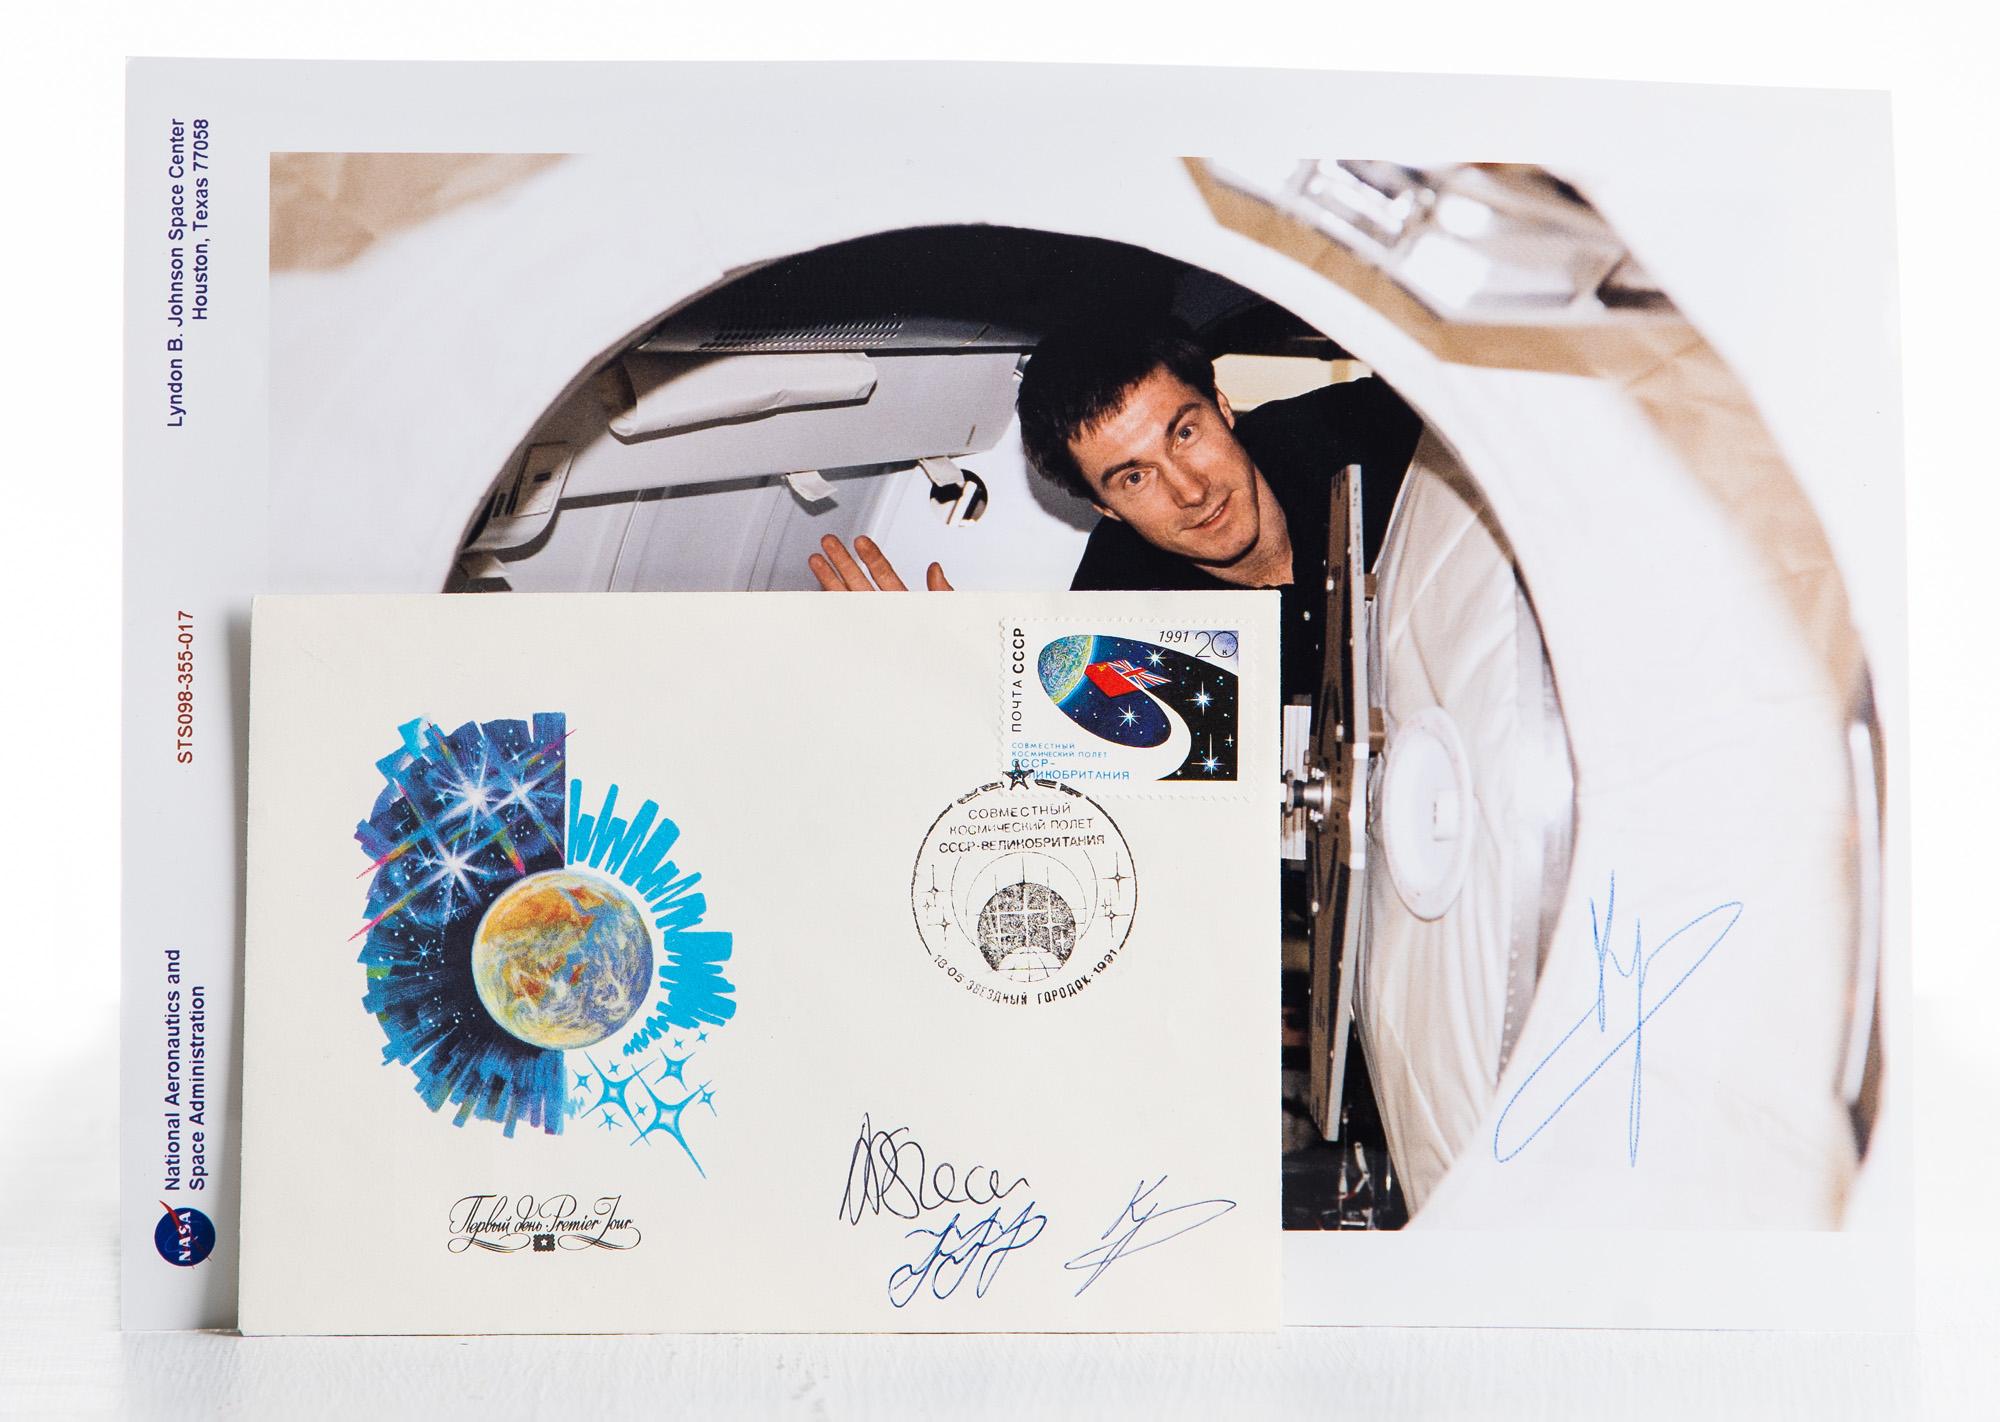 ЛОТ ПРОДАН! Конверт и марка, побывавшие в космосе, с автографами космонавтов